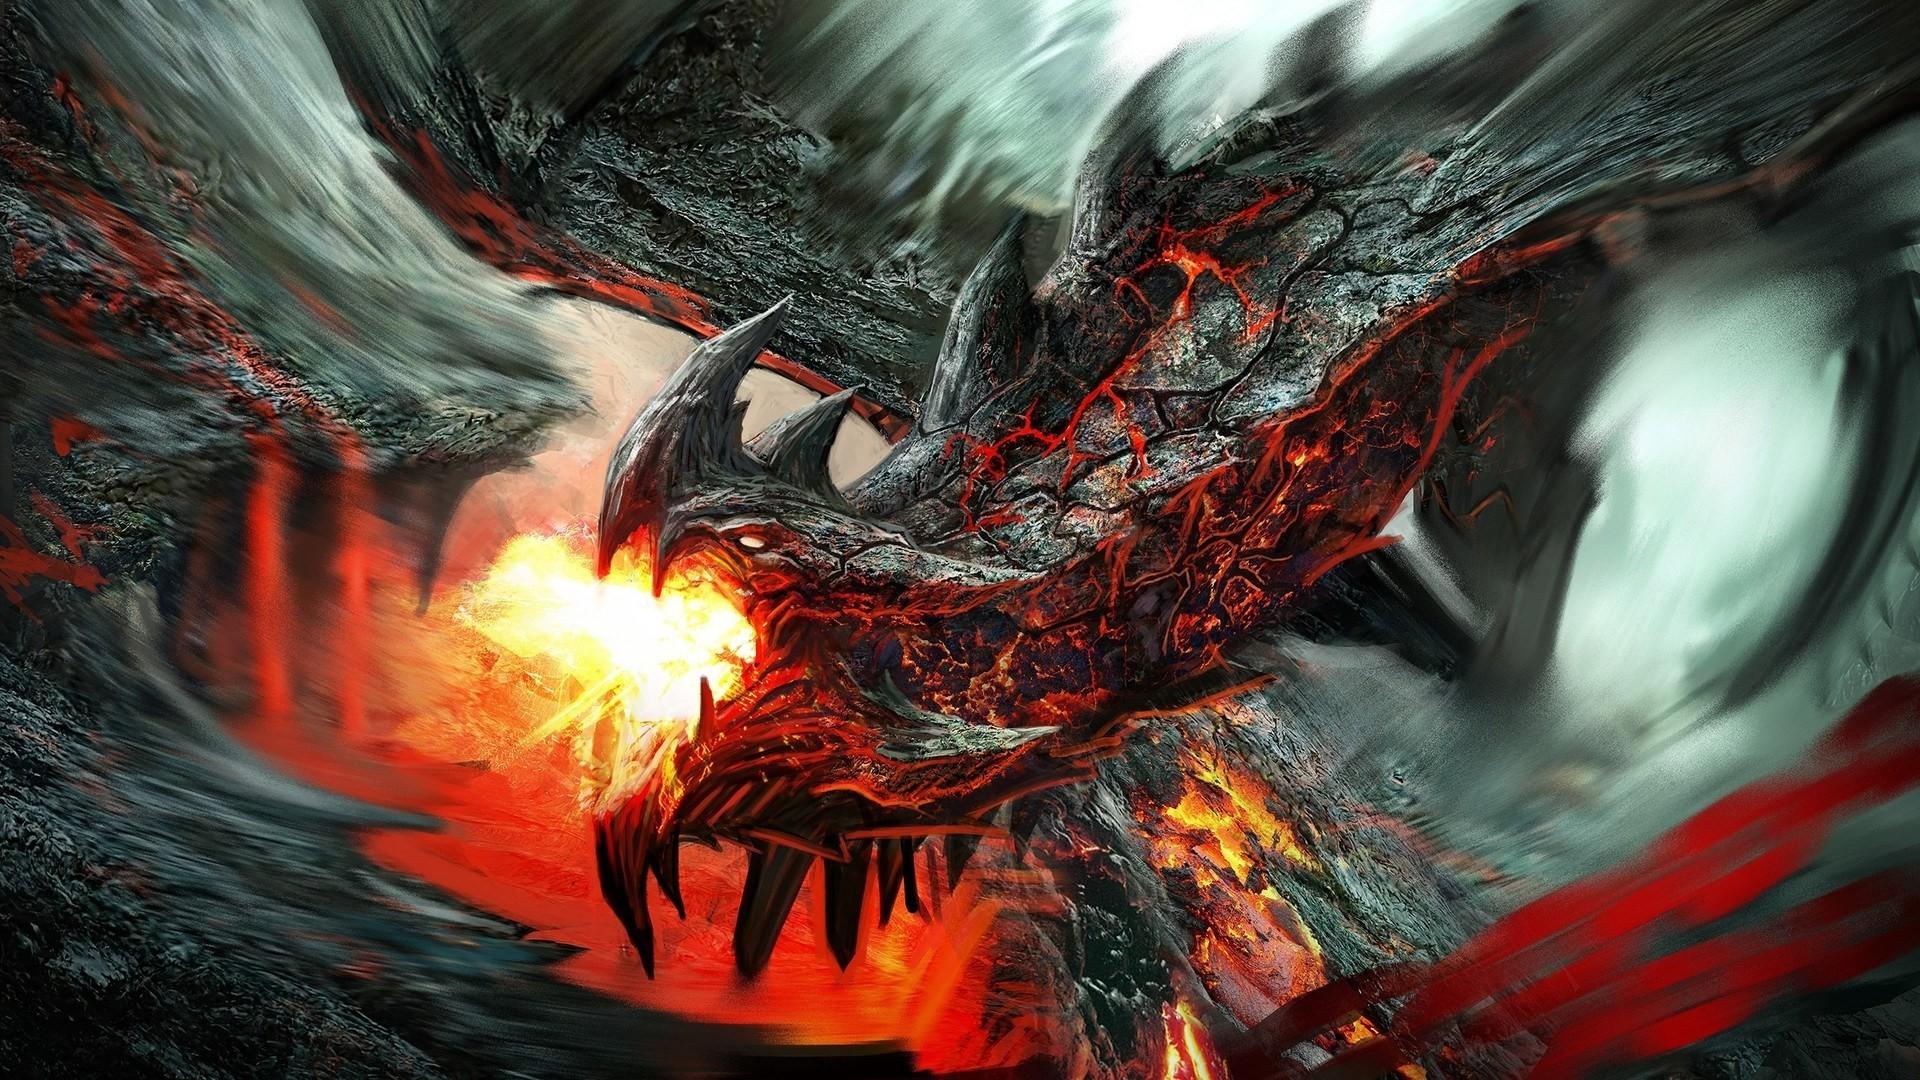 Fire Lava Dragon